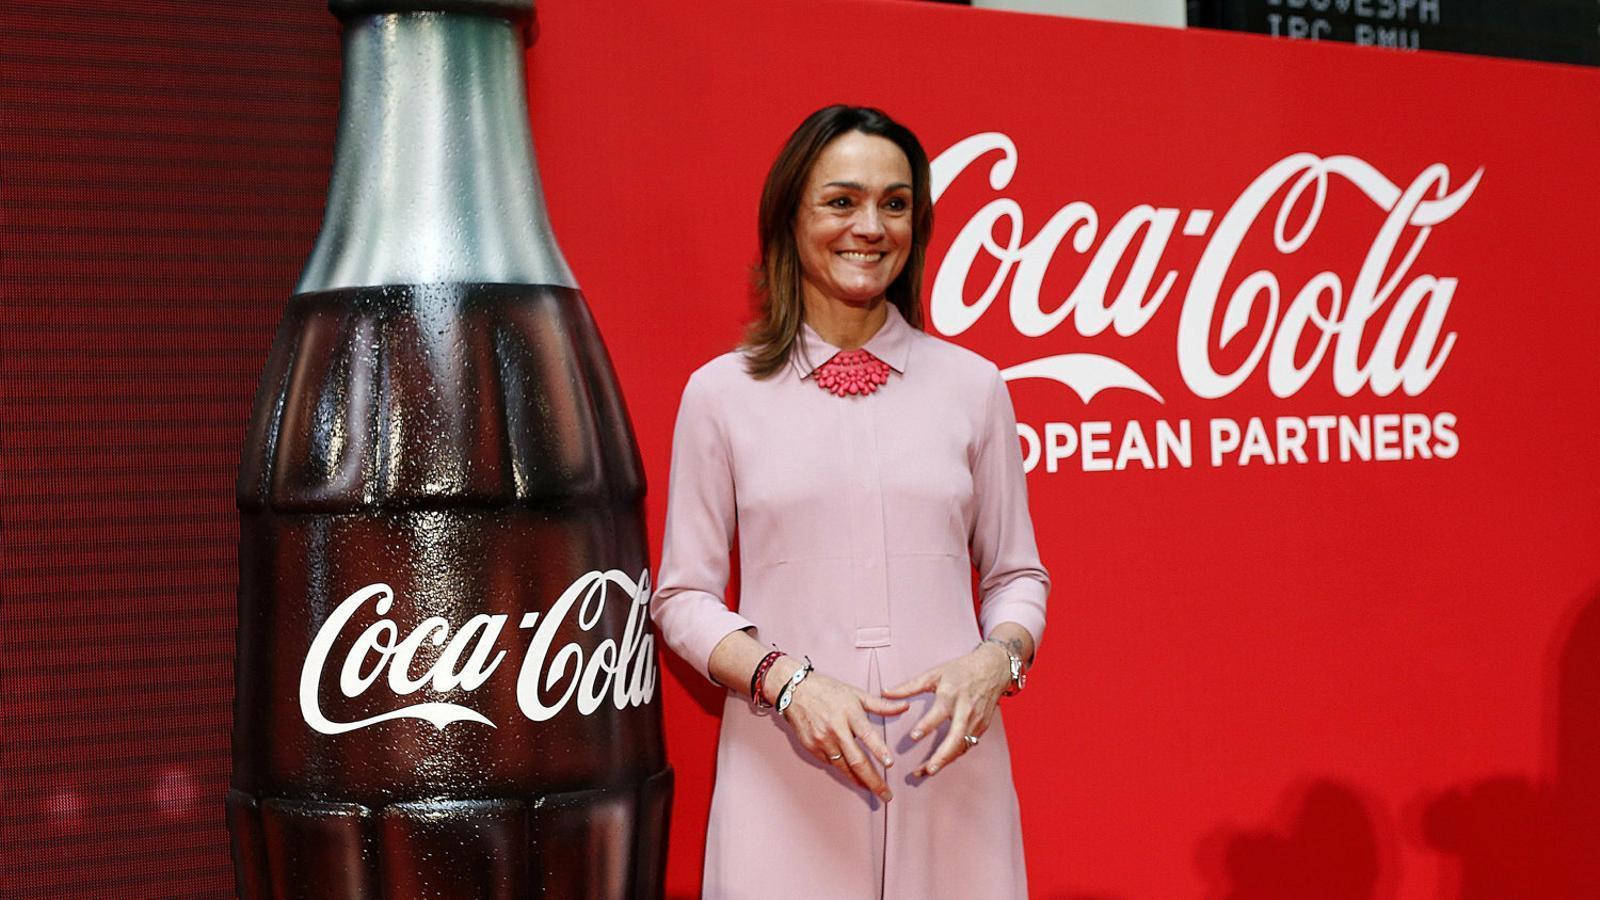 European Partners obté rècord de vendes fins al setembre